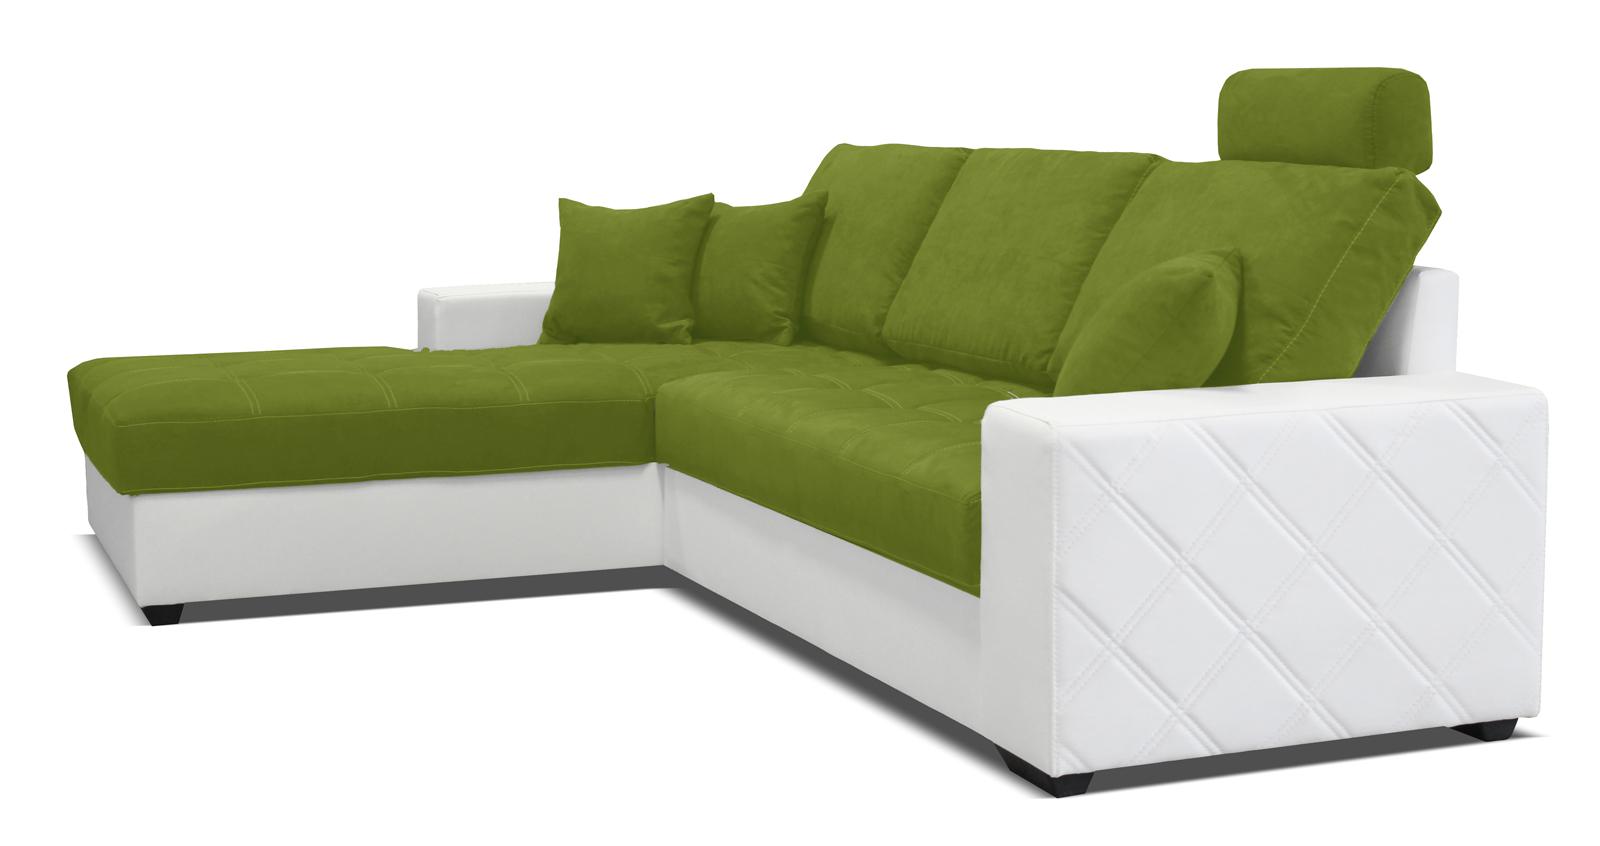 Rohová sedací souprava - Po-Sed - Mondo (bílá + pistácie) (L)